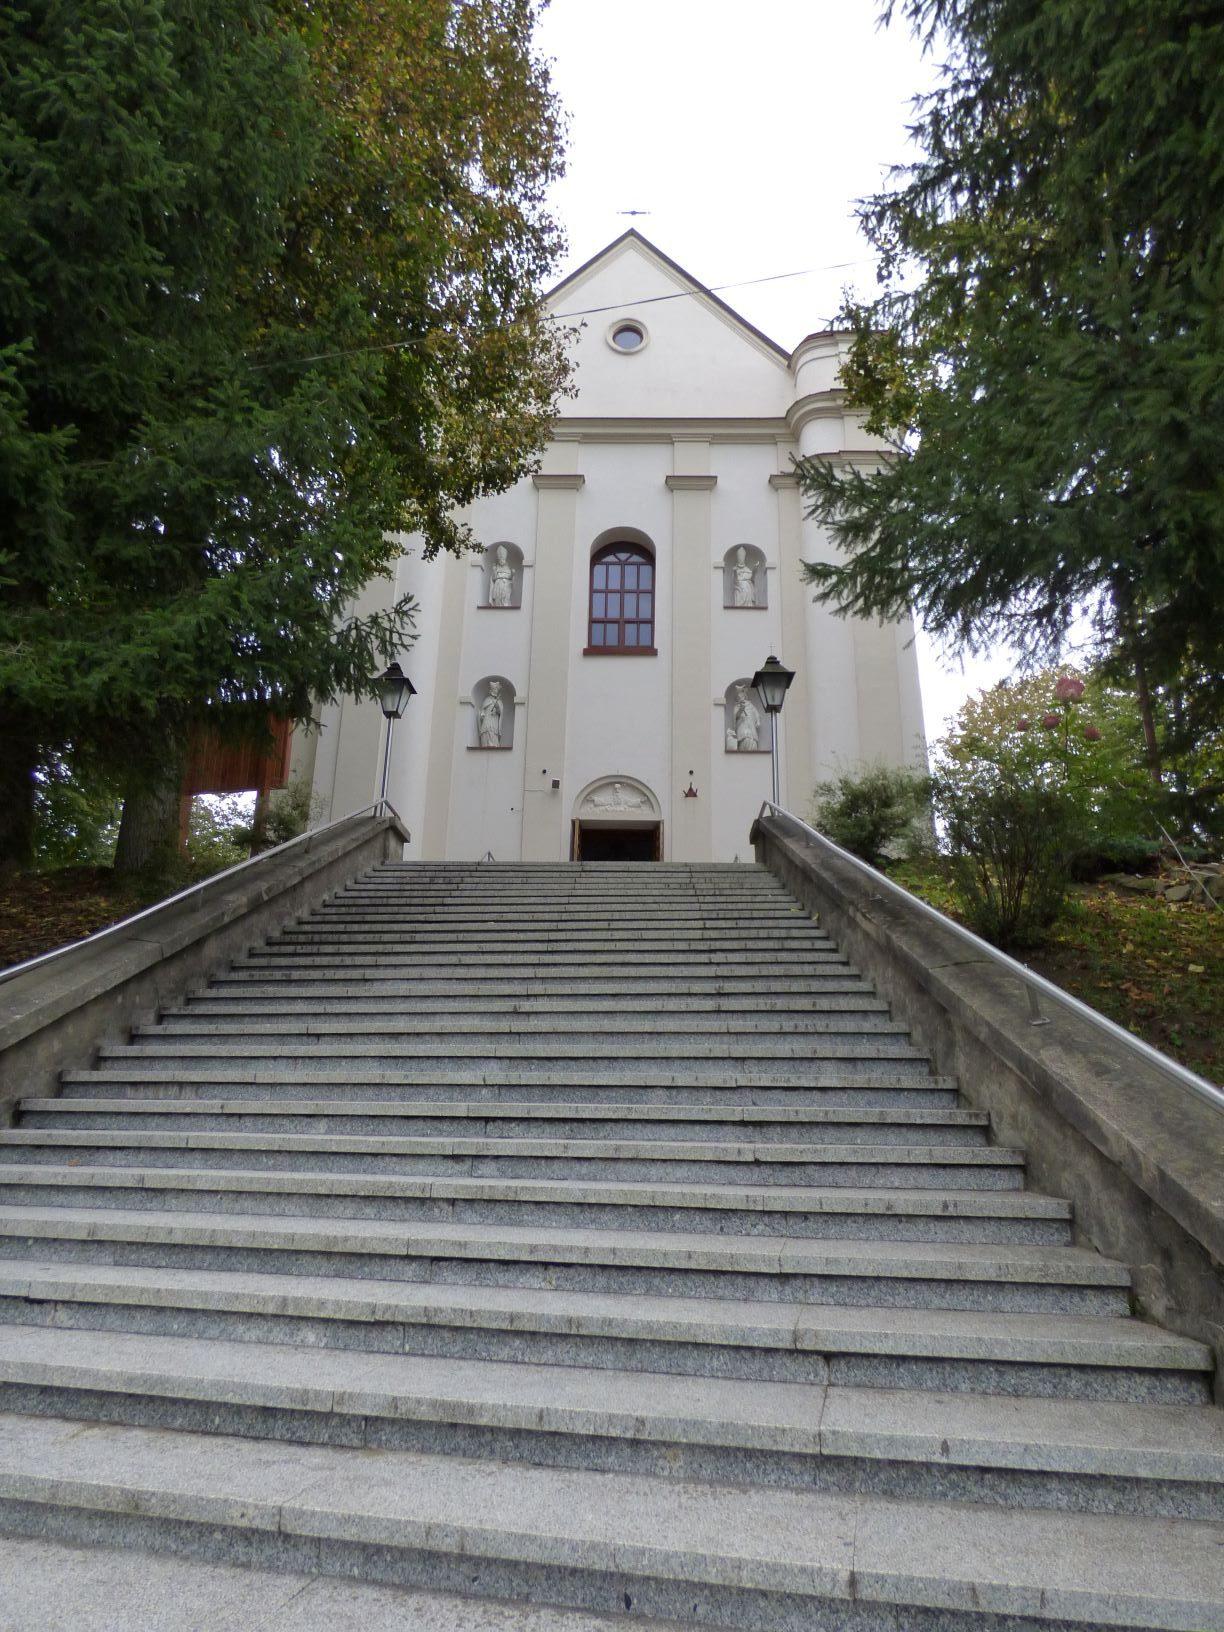 Kolumny dworu i kościół w Tyrawie Wołoskiej